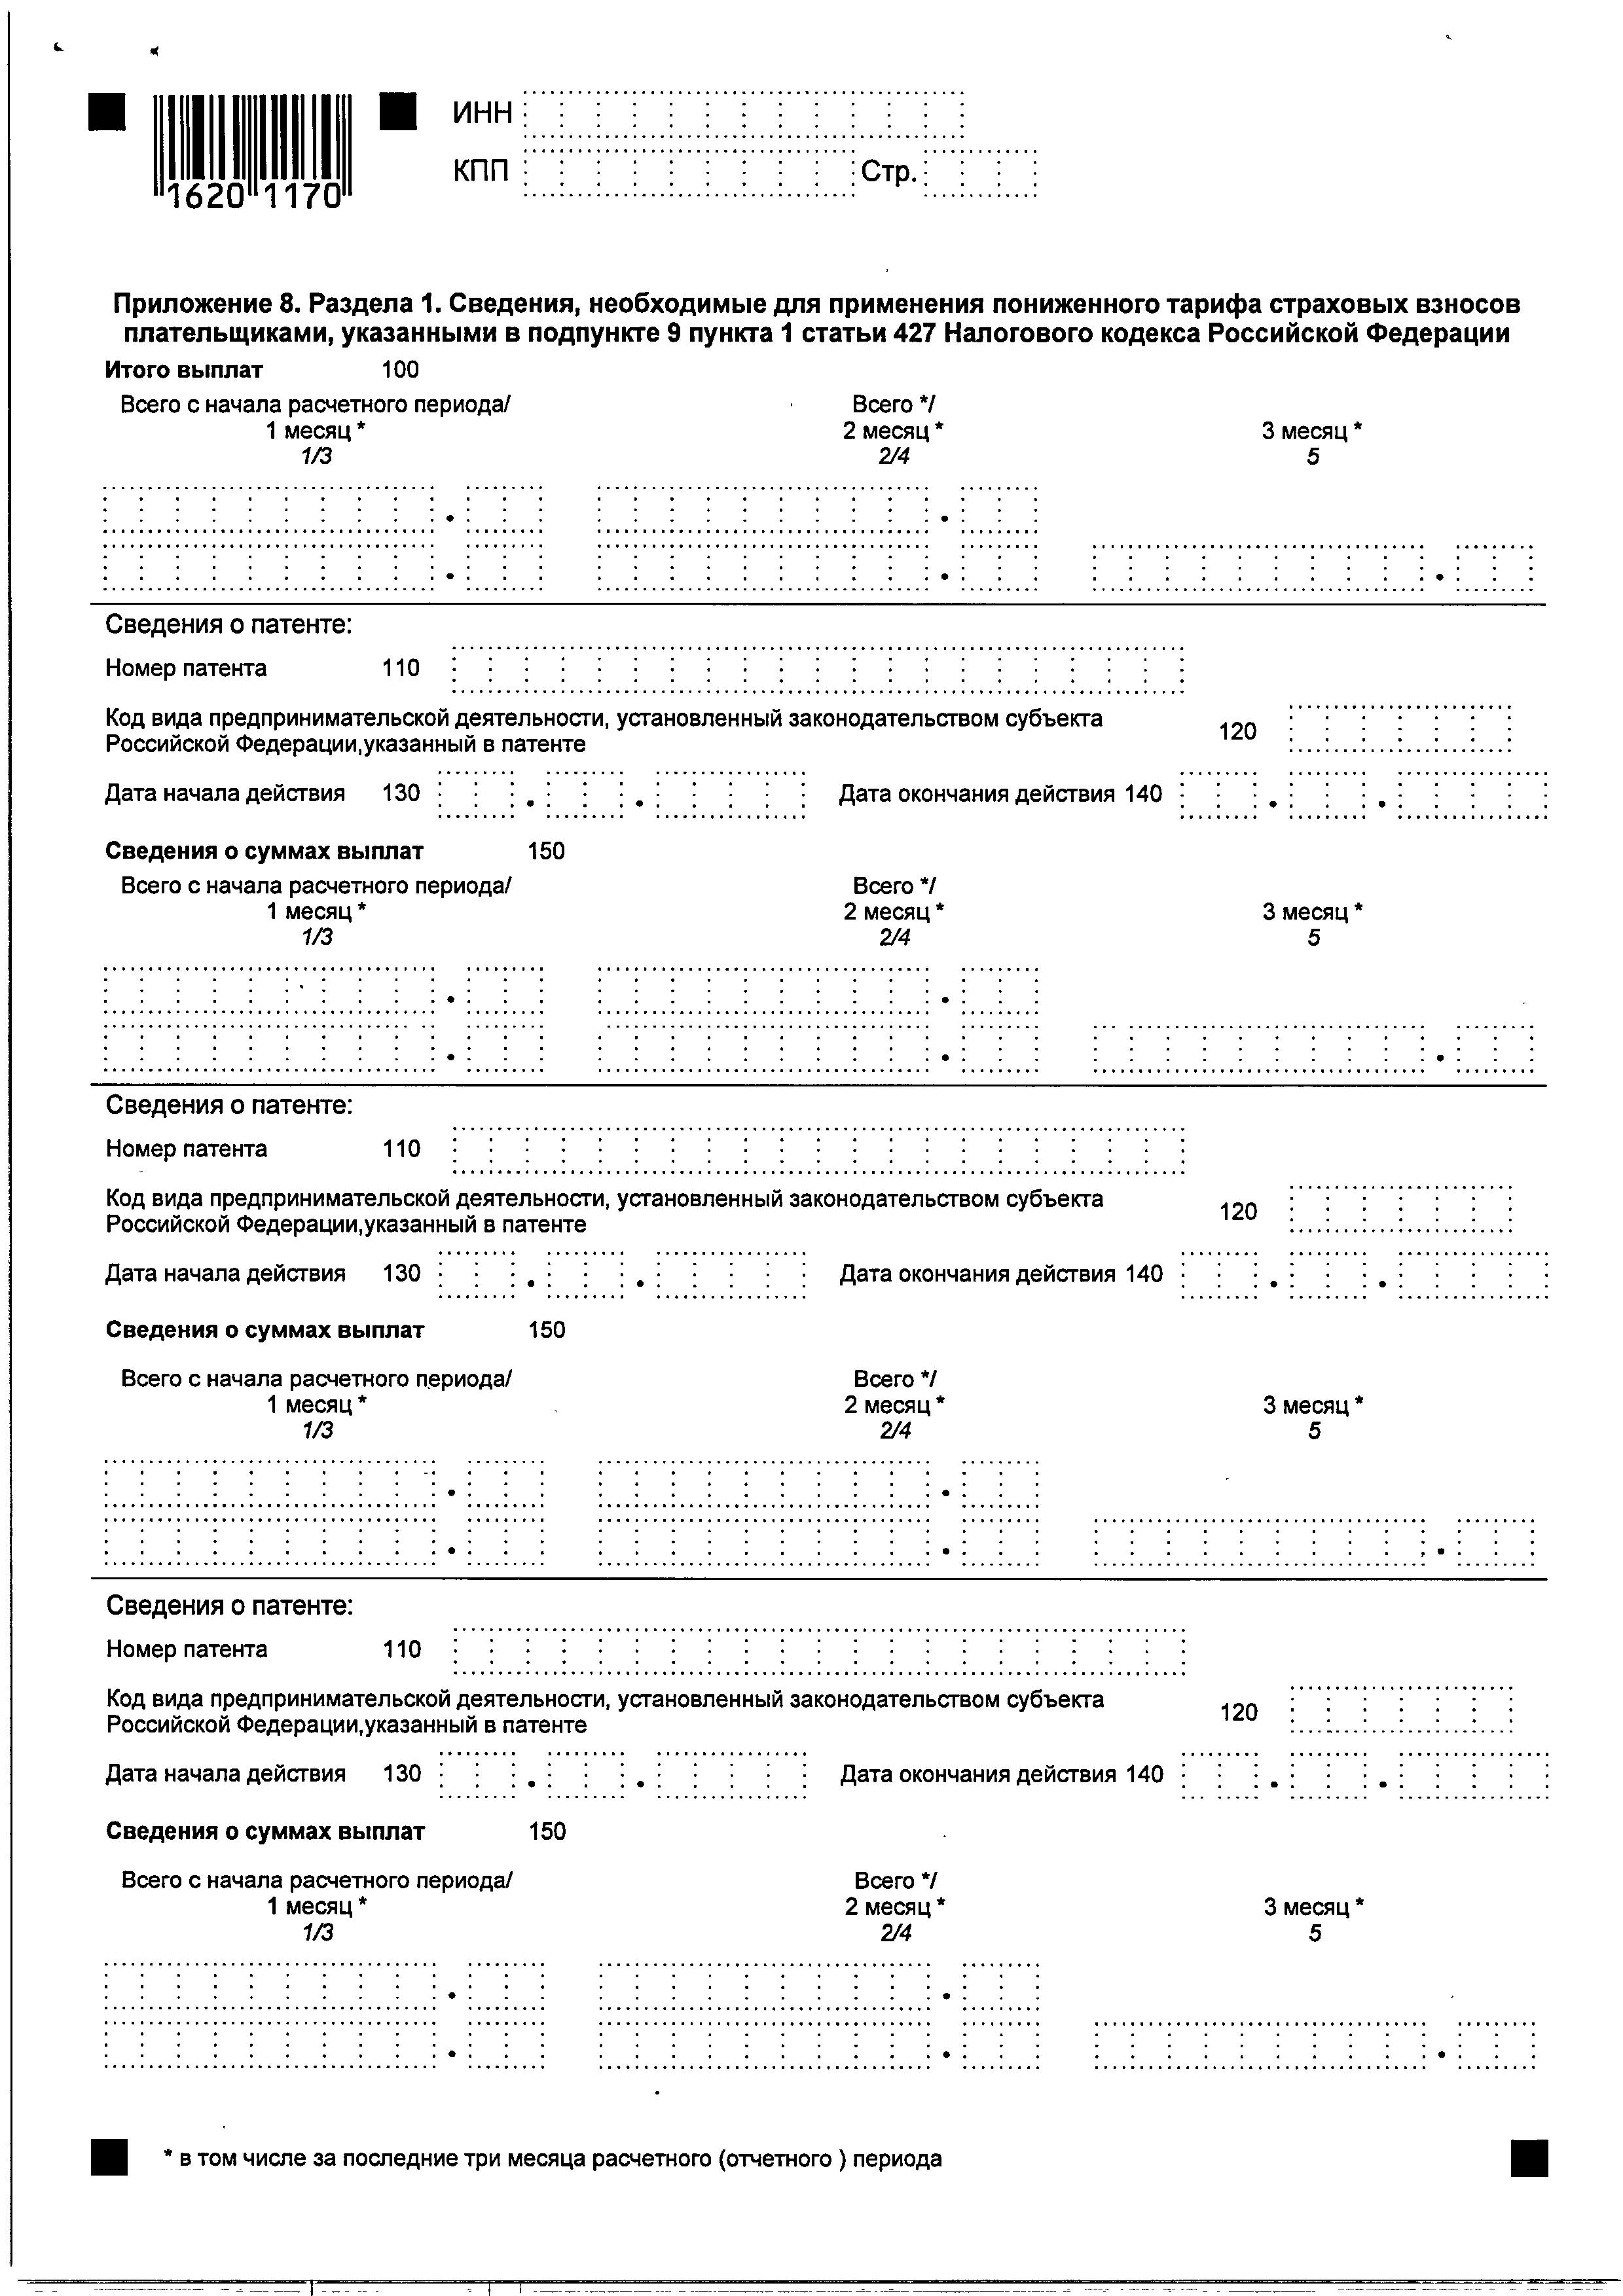 Расчет страховых взносов в 2017 году